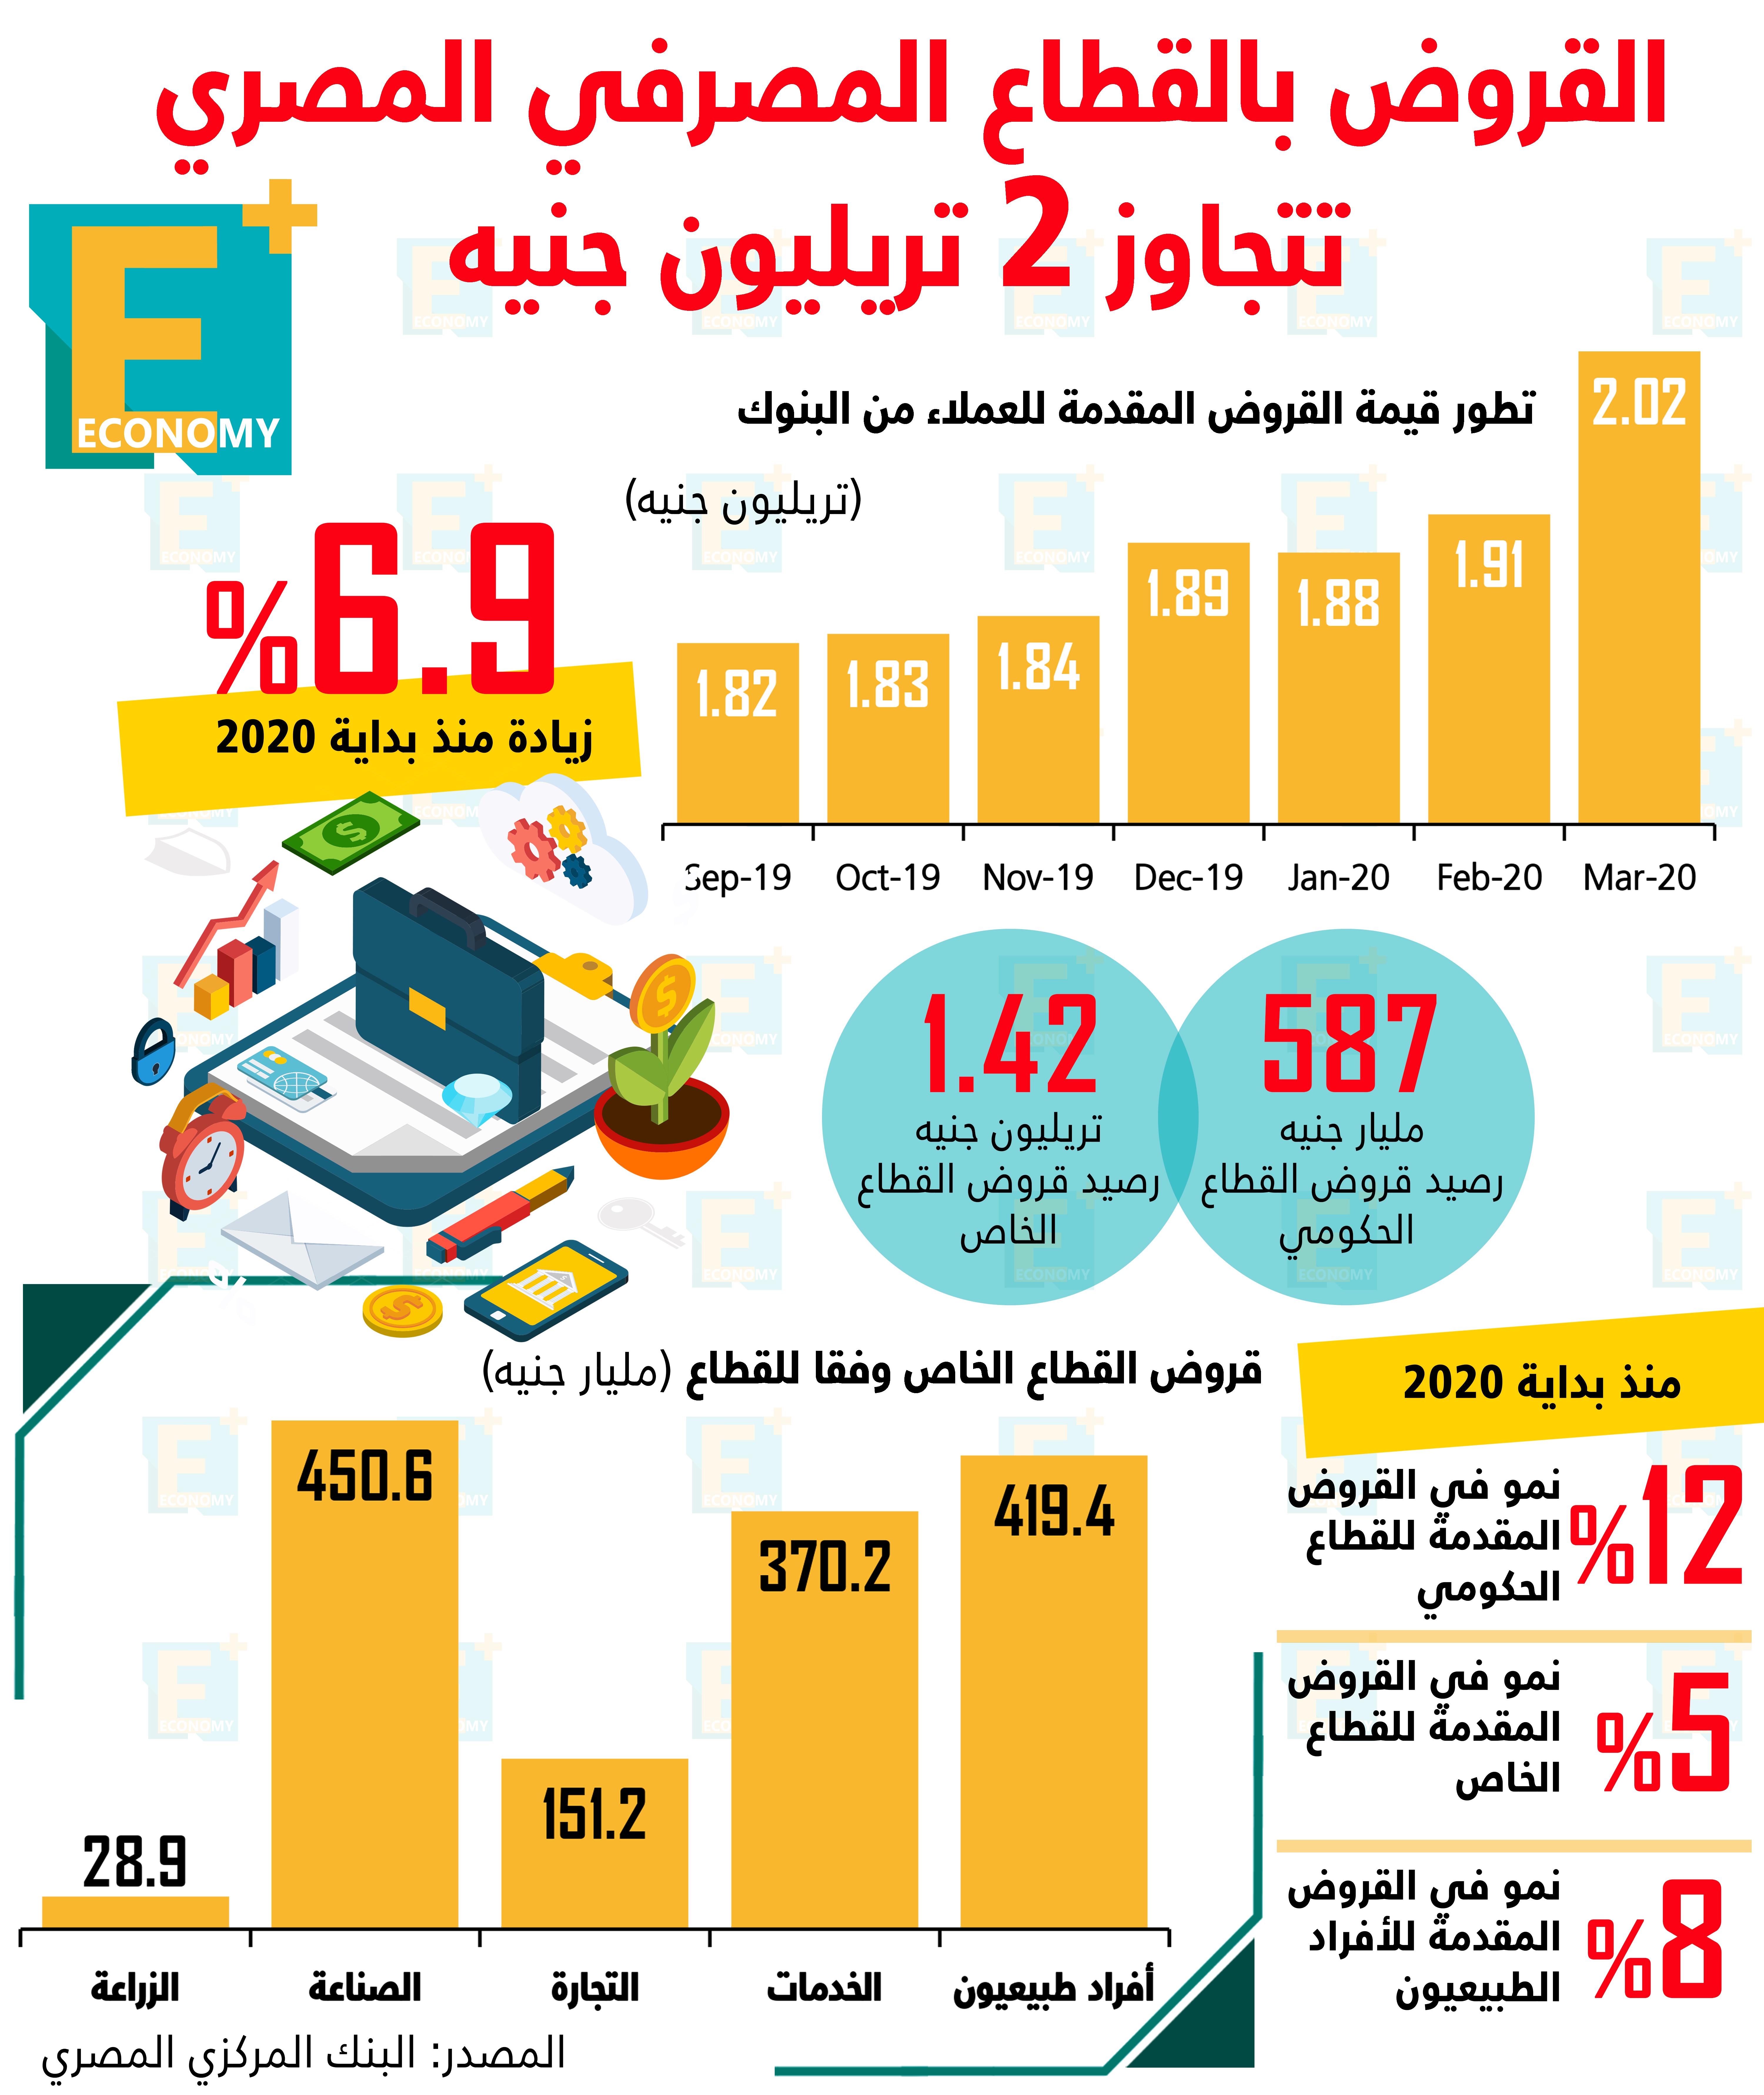 القروض بالقطاع المصرفي المصري تتجاوز 2 تريليون جنيه